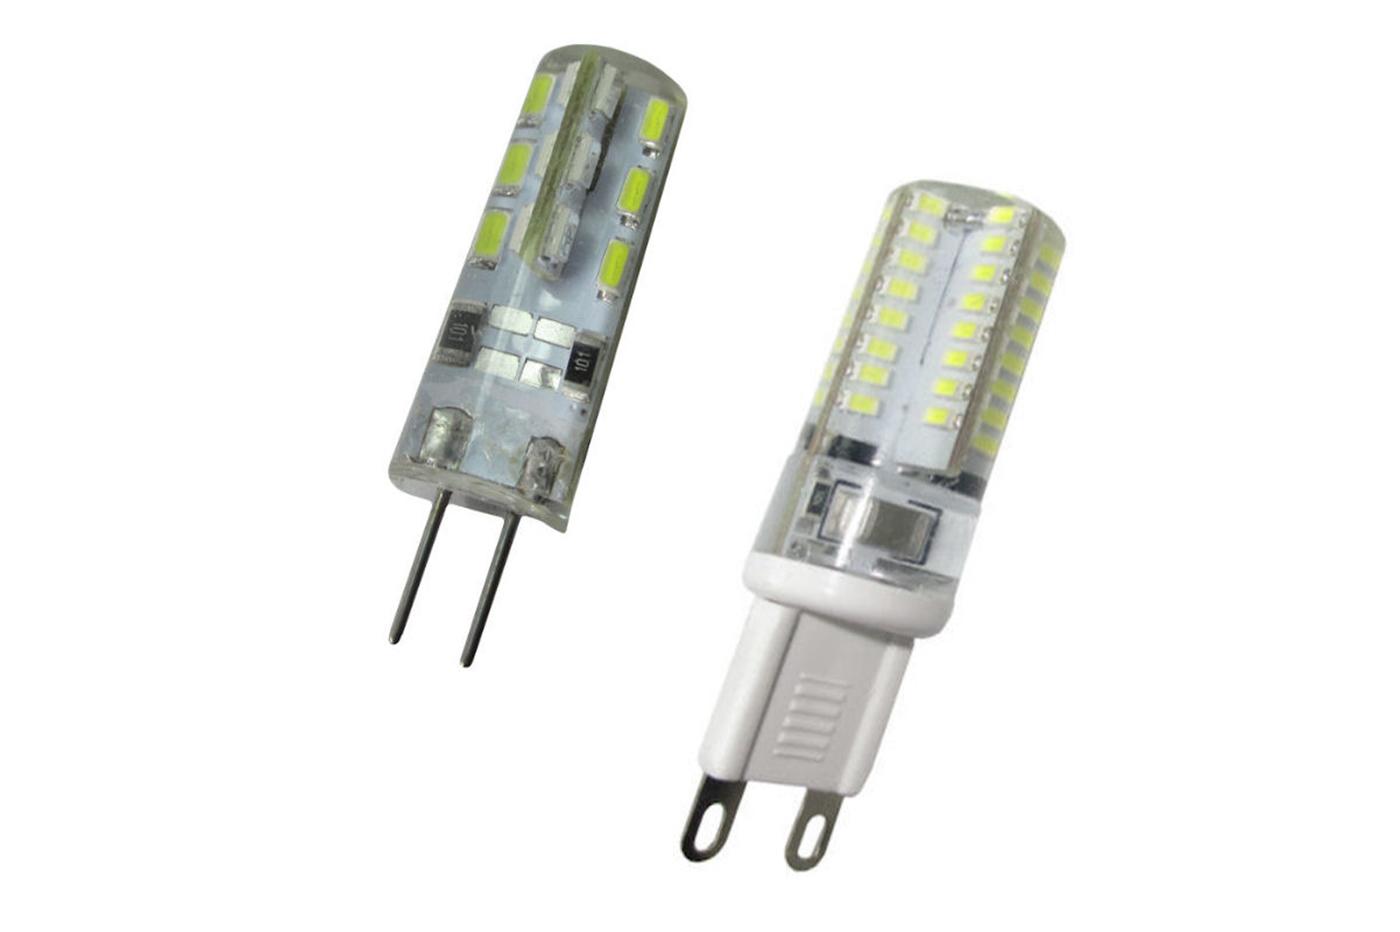 Bes 15636 lampadine e adattatori beselettronica lampadina